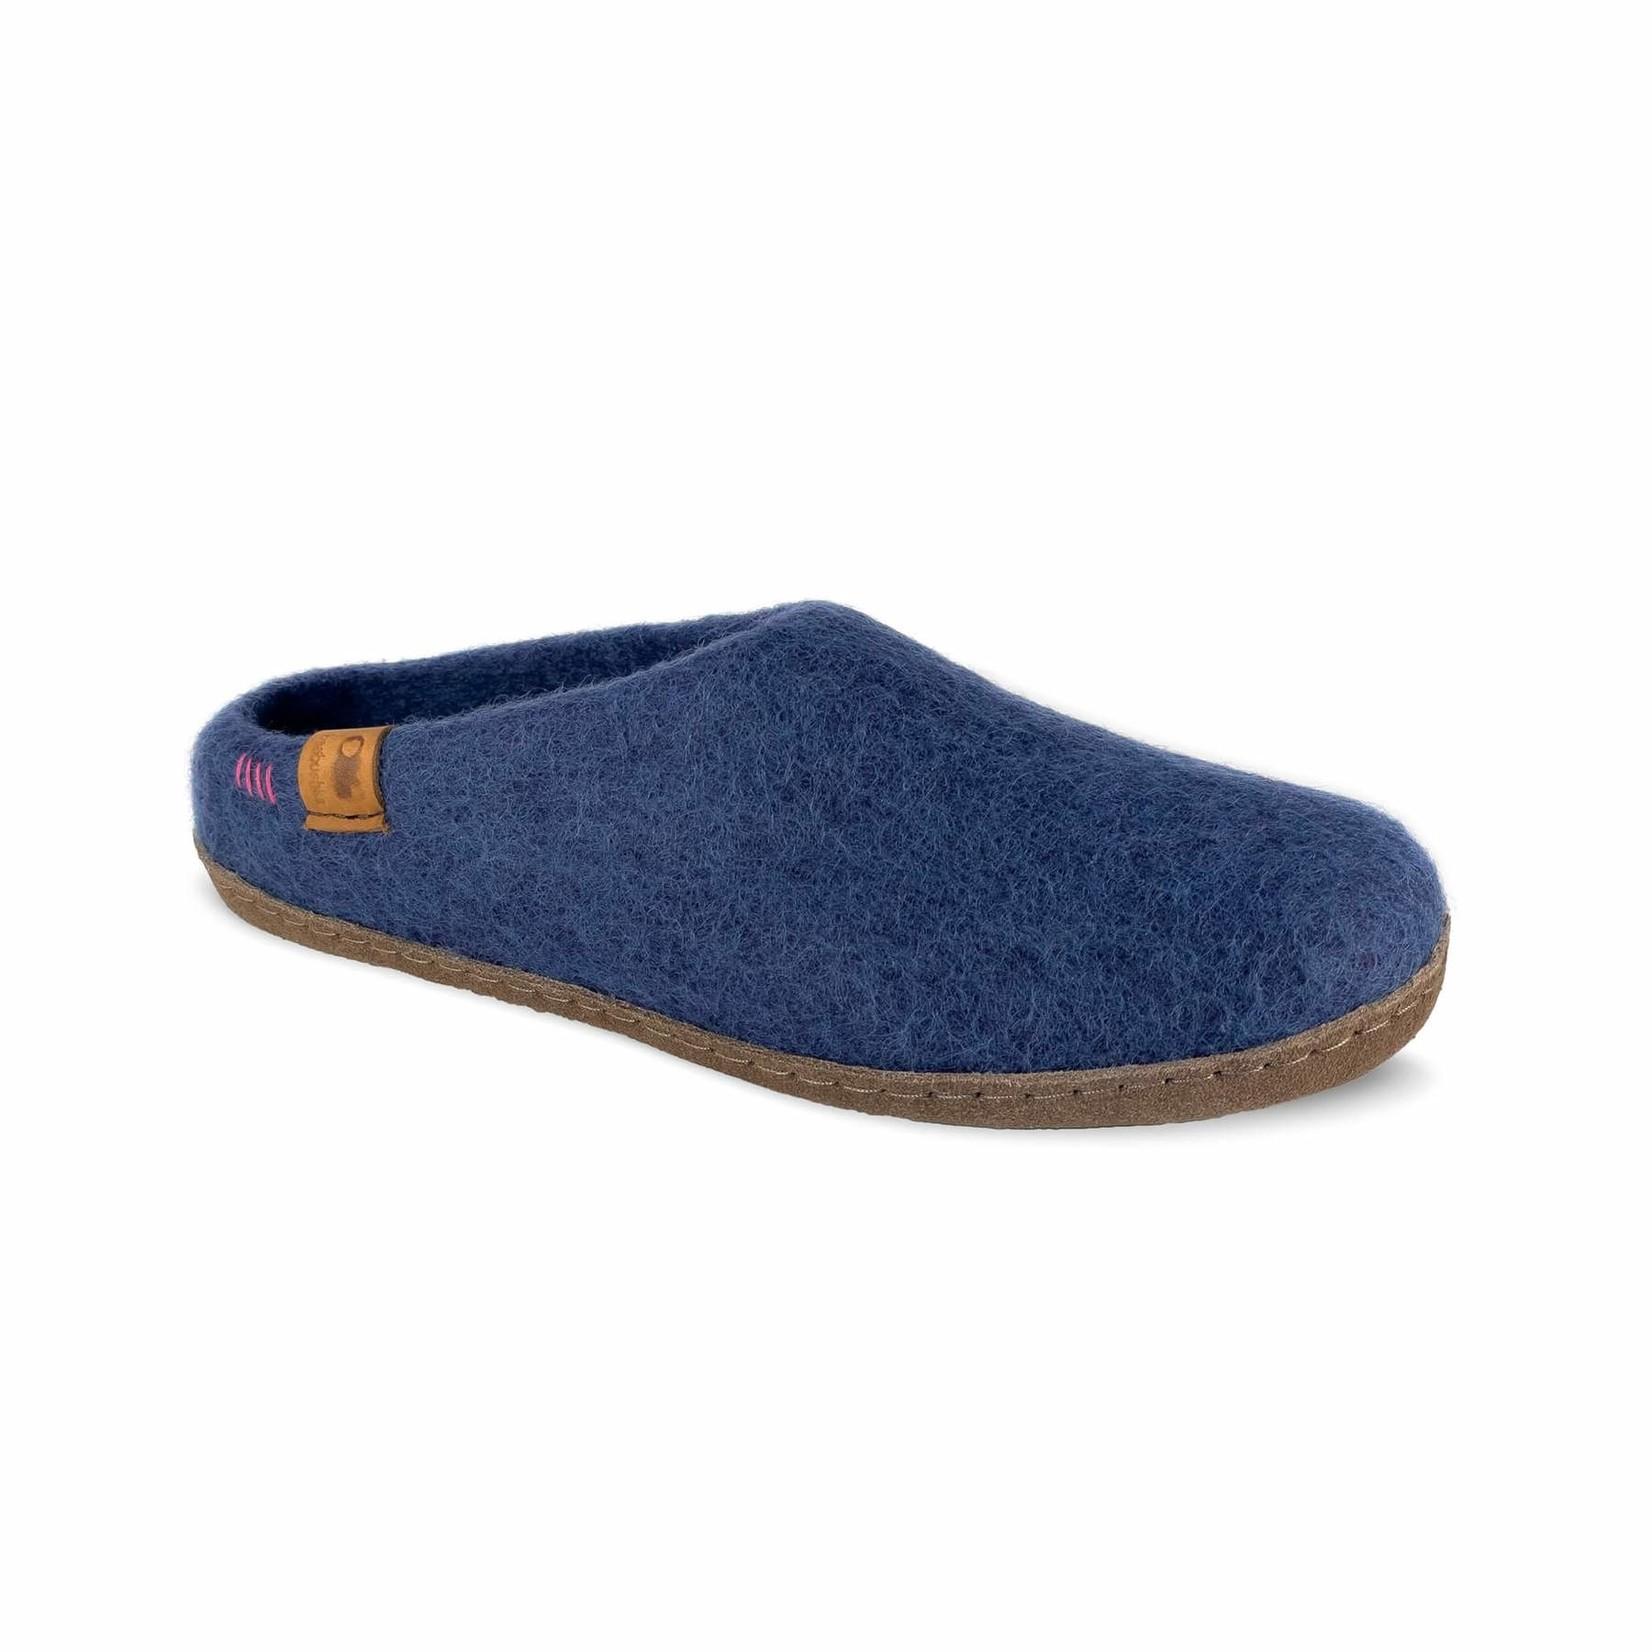 Baabushka Wool Slippers Denim